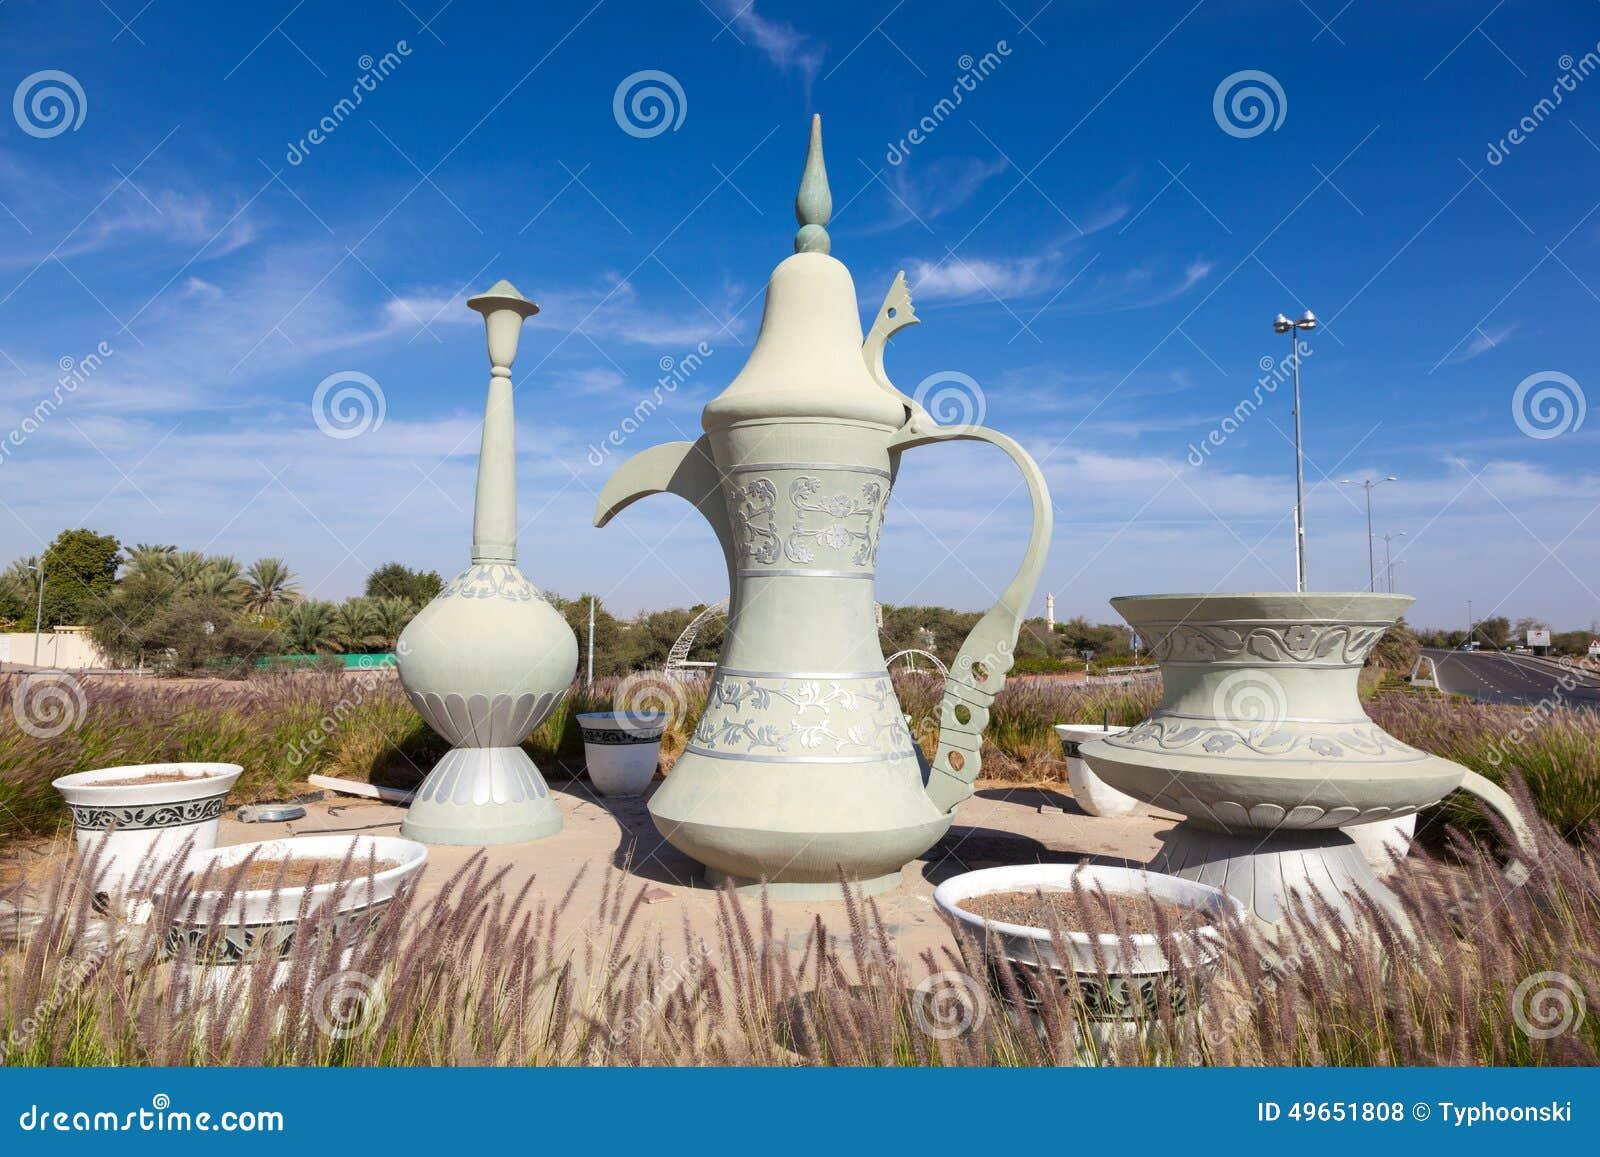 Coffeepot rzeźba w rondzie w Al Ain